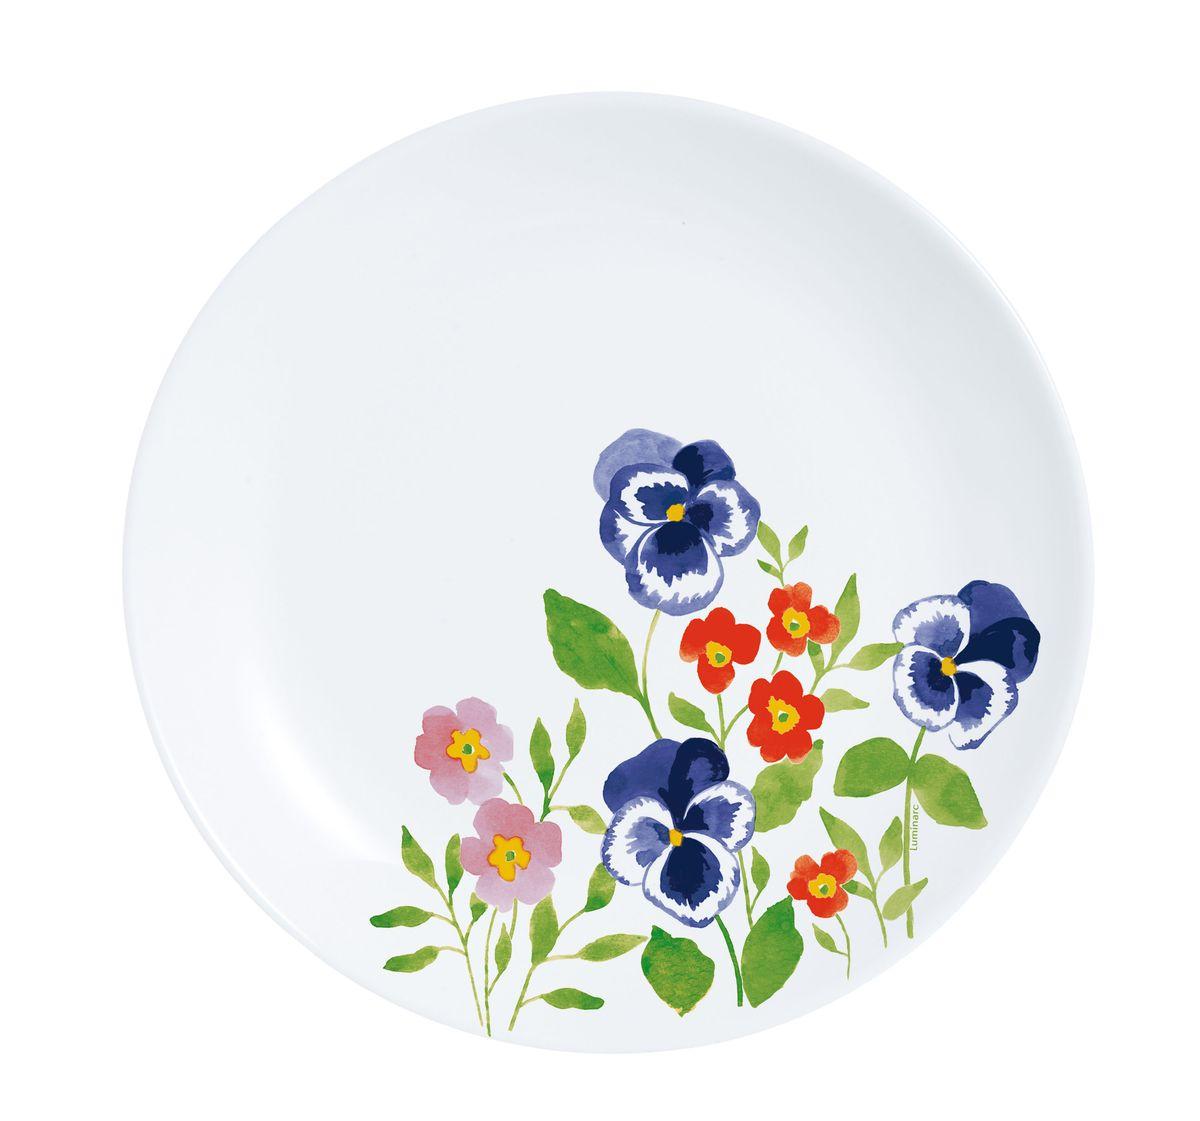 Тарелка десертная Luminarc Magda, диаметр 19 смH8579Тарелка десертная Luminarc Magda изготовлена из ударопрочного стекла. Такая тарелка прекрасно подходит как для торжественных случаев, так и для повседневного использования. Идеальна для подачи десертов, пирожных, тортов и многого другого. Она прекрасно оформит стол и станет отличным дополнением к вашей коллекции кухонной посуды. Изделие можно мыть в посудомоечной машине. Диаметр тарелки: 19 см.